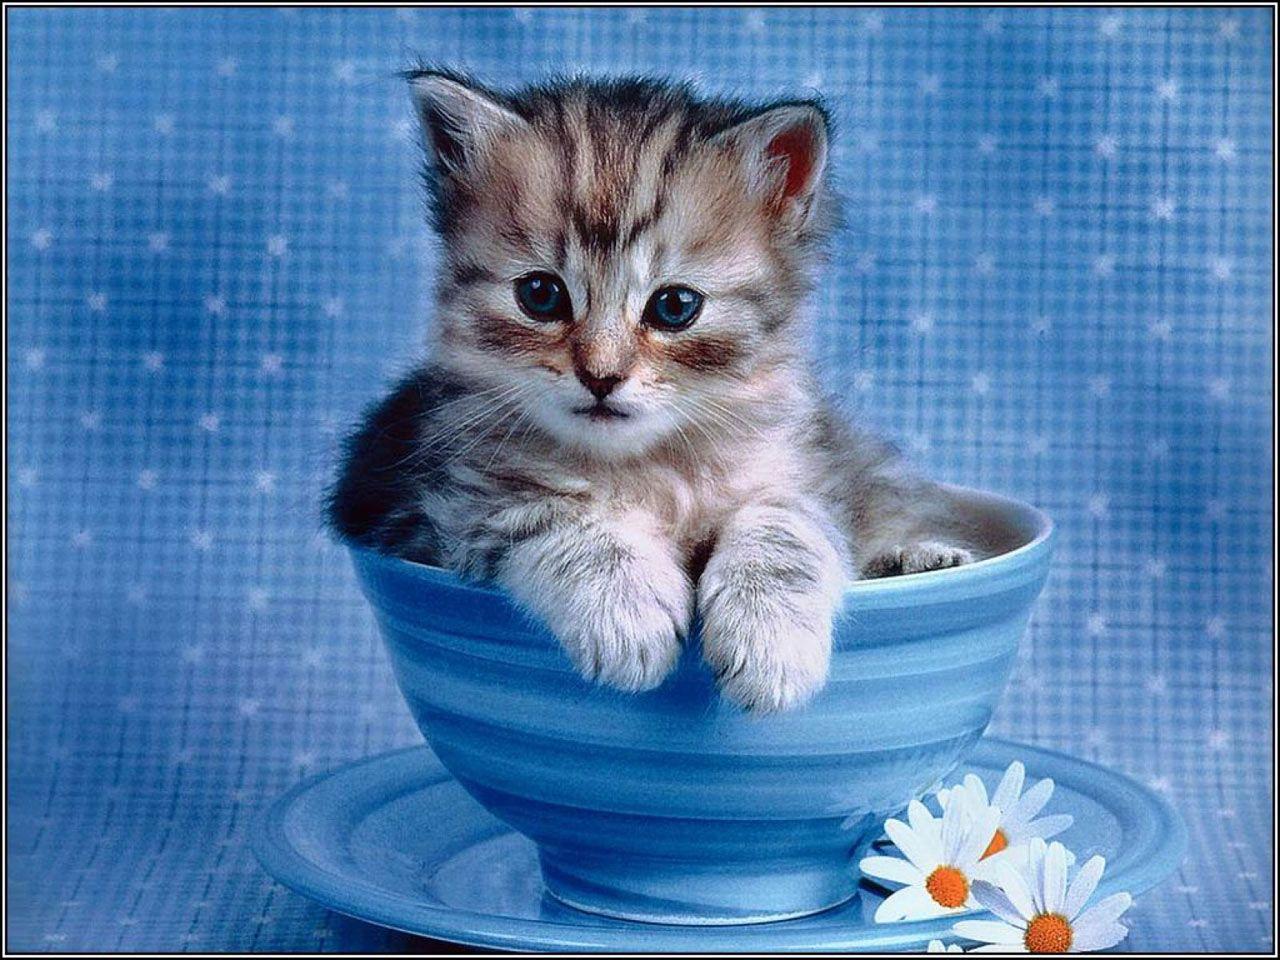 1280x960 Máy tính xách tay dễ thương.  Miễn phí Mèo con cực kỳ dễ thương - mèo